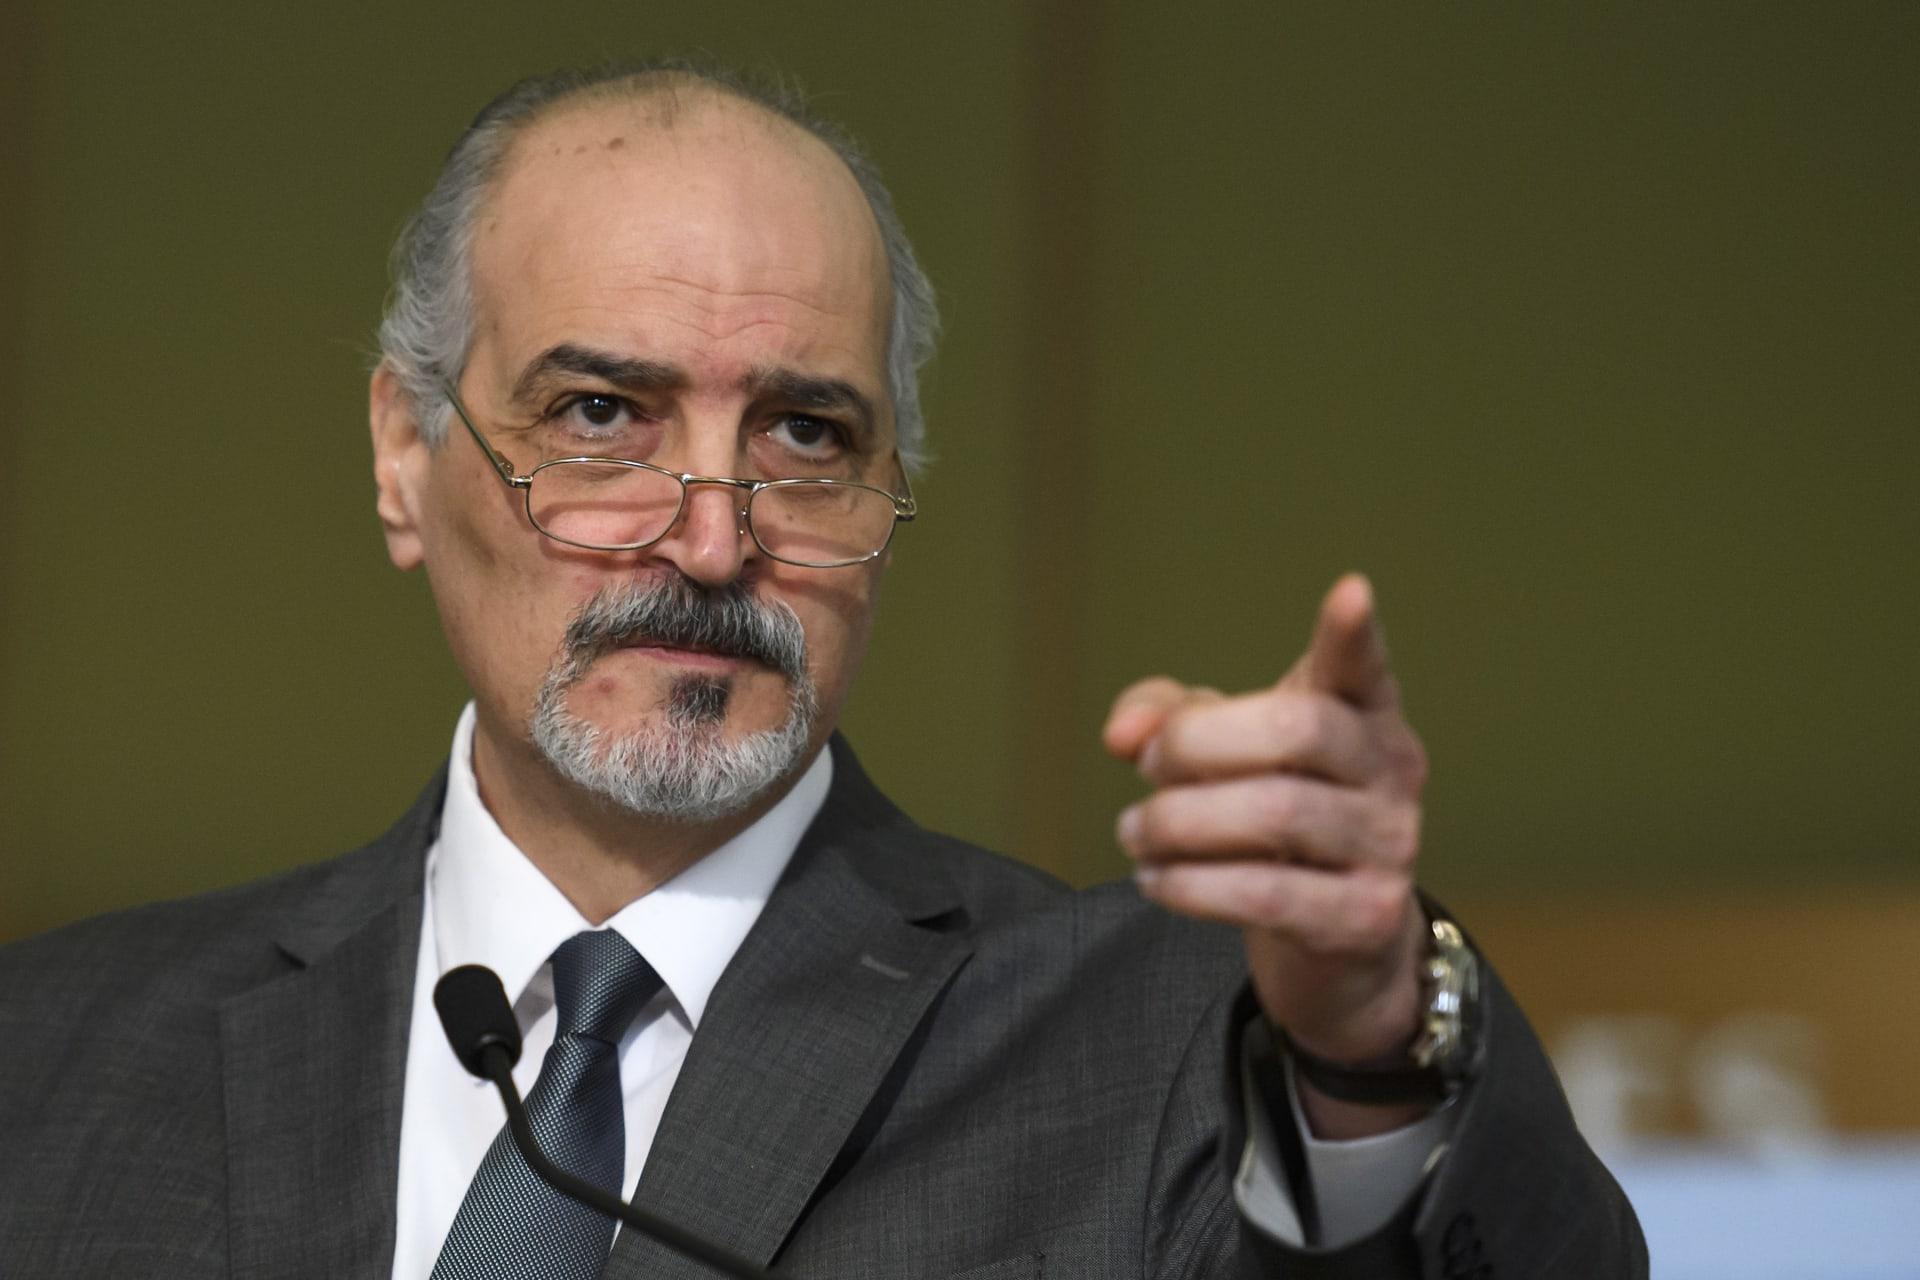 الجعفري: الاحتلال التركي للأراضي السورية أسوأ من الاحتلال الإسرائيلي